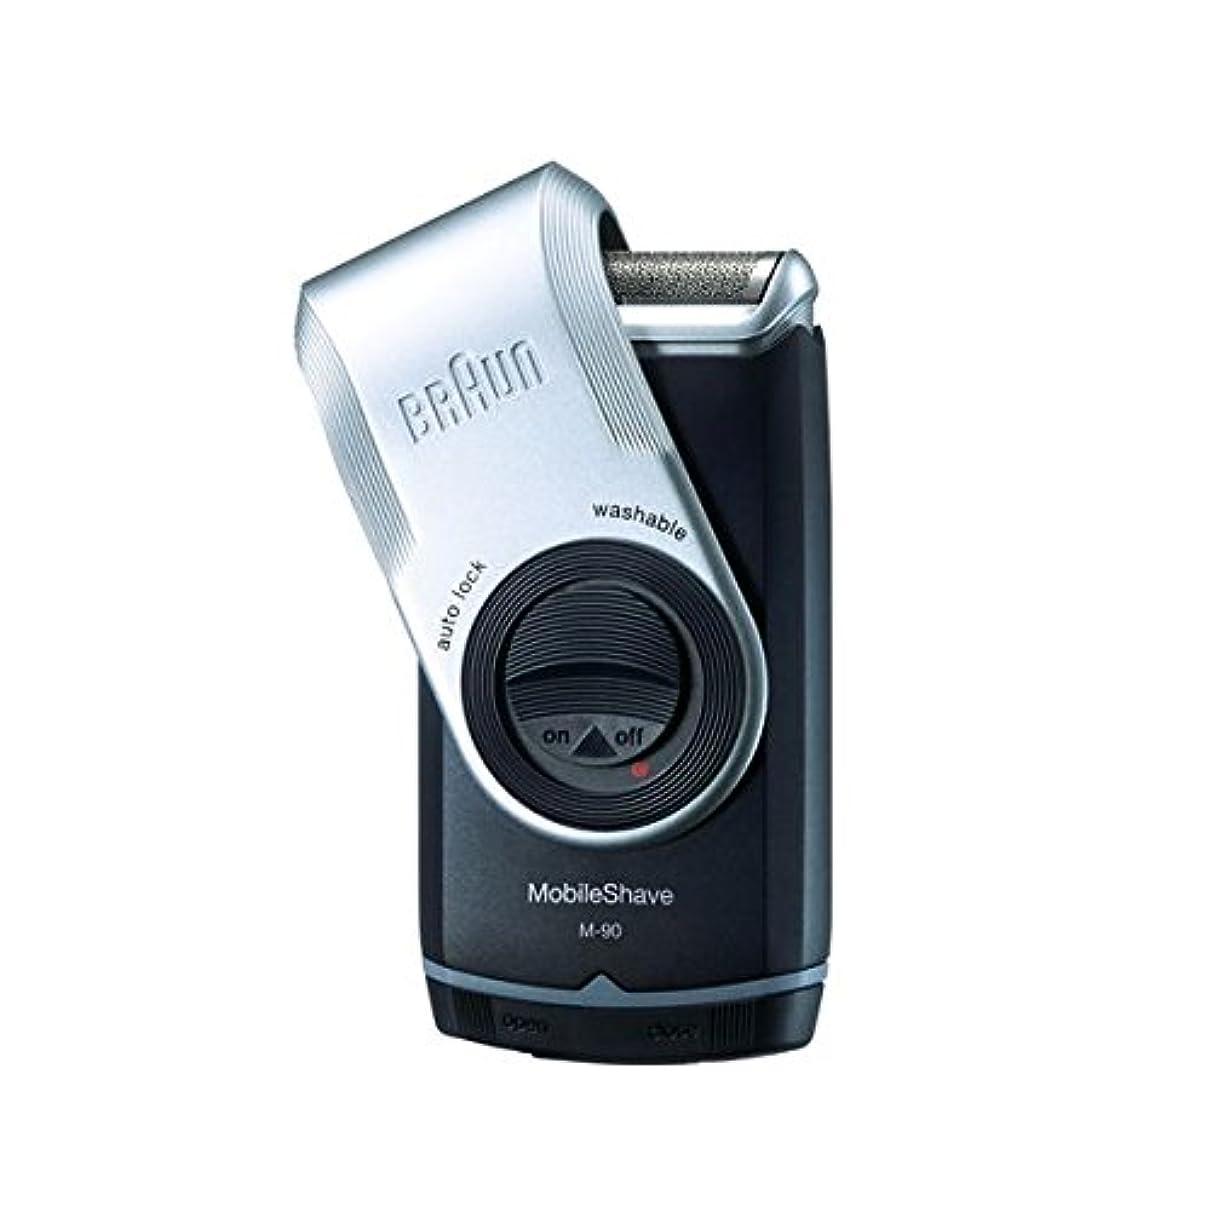 改善はげ勢いBRAUN(ブラウン) シェーバー モバイルシェーブ(携帯型) M-90 ds-792921